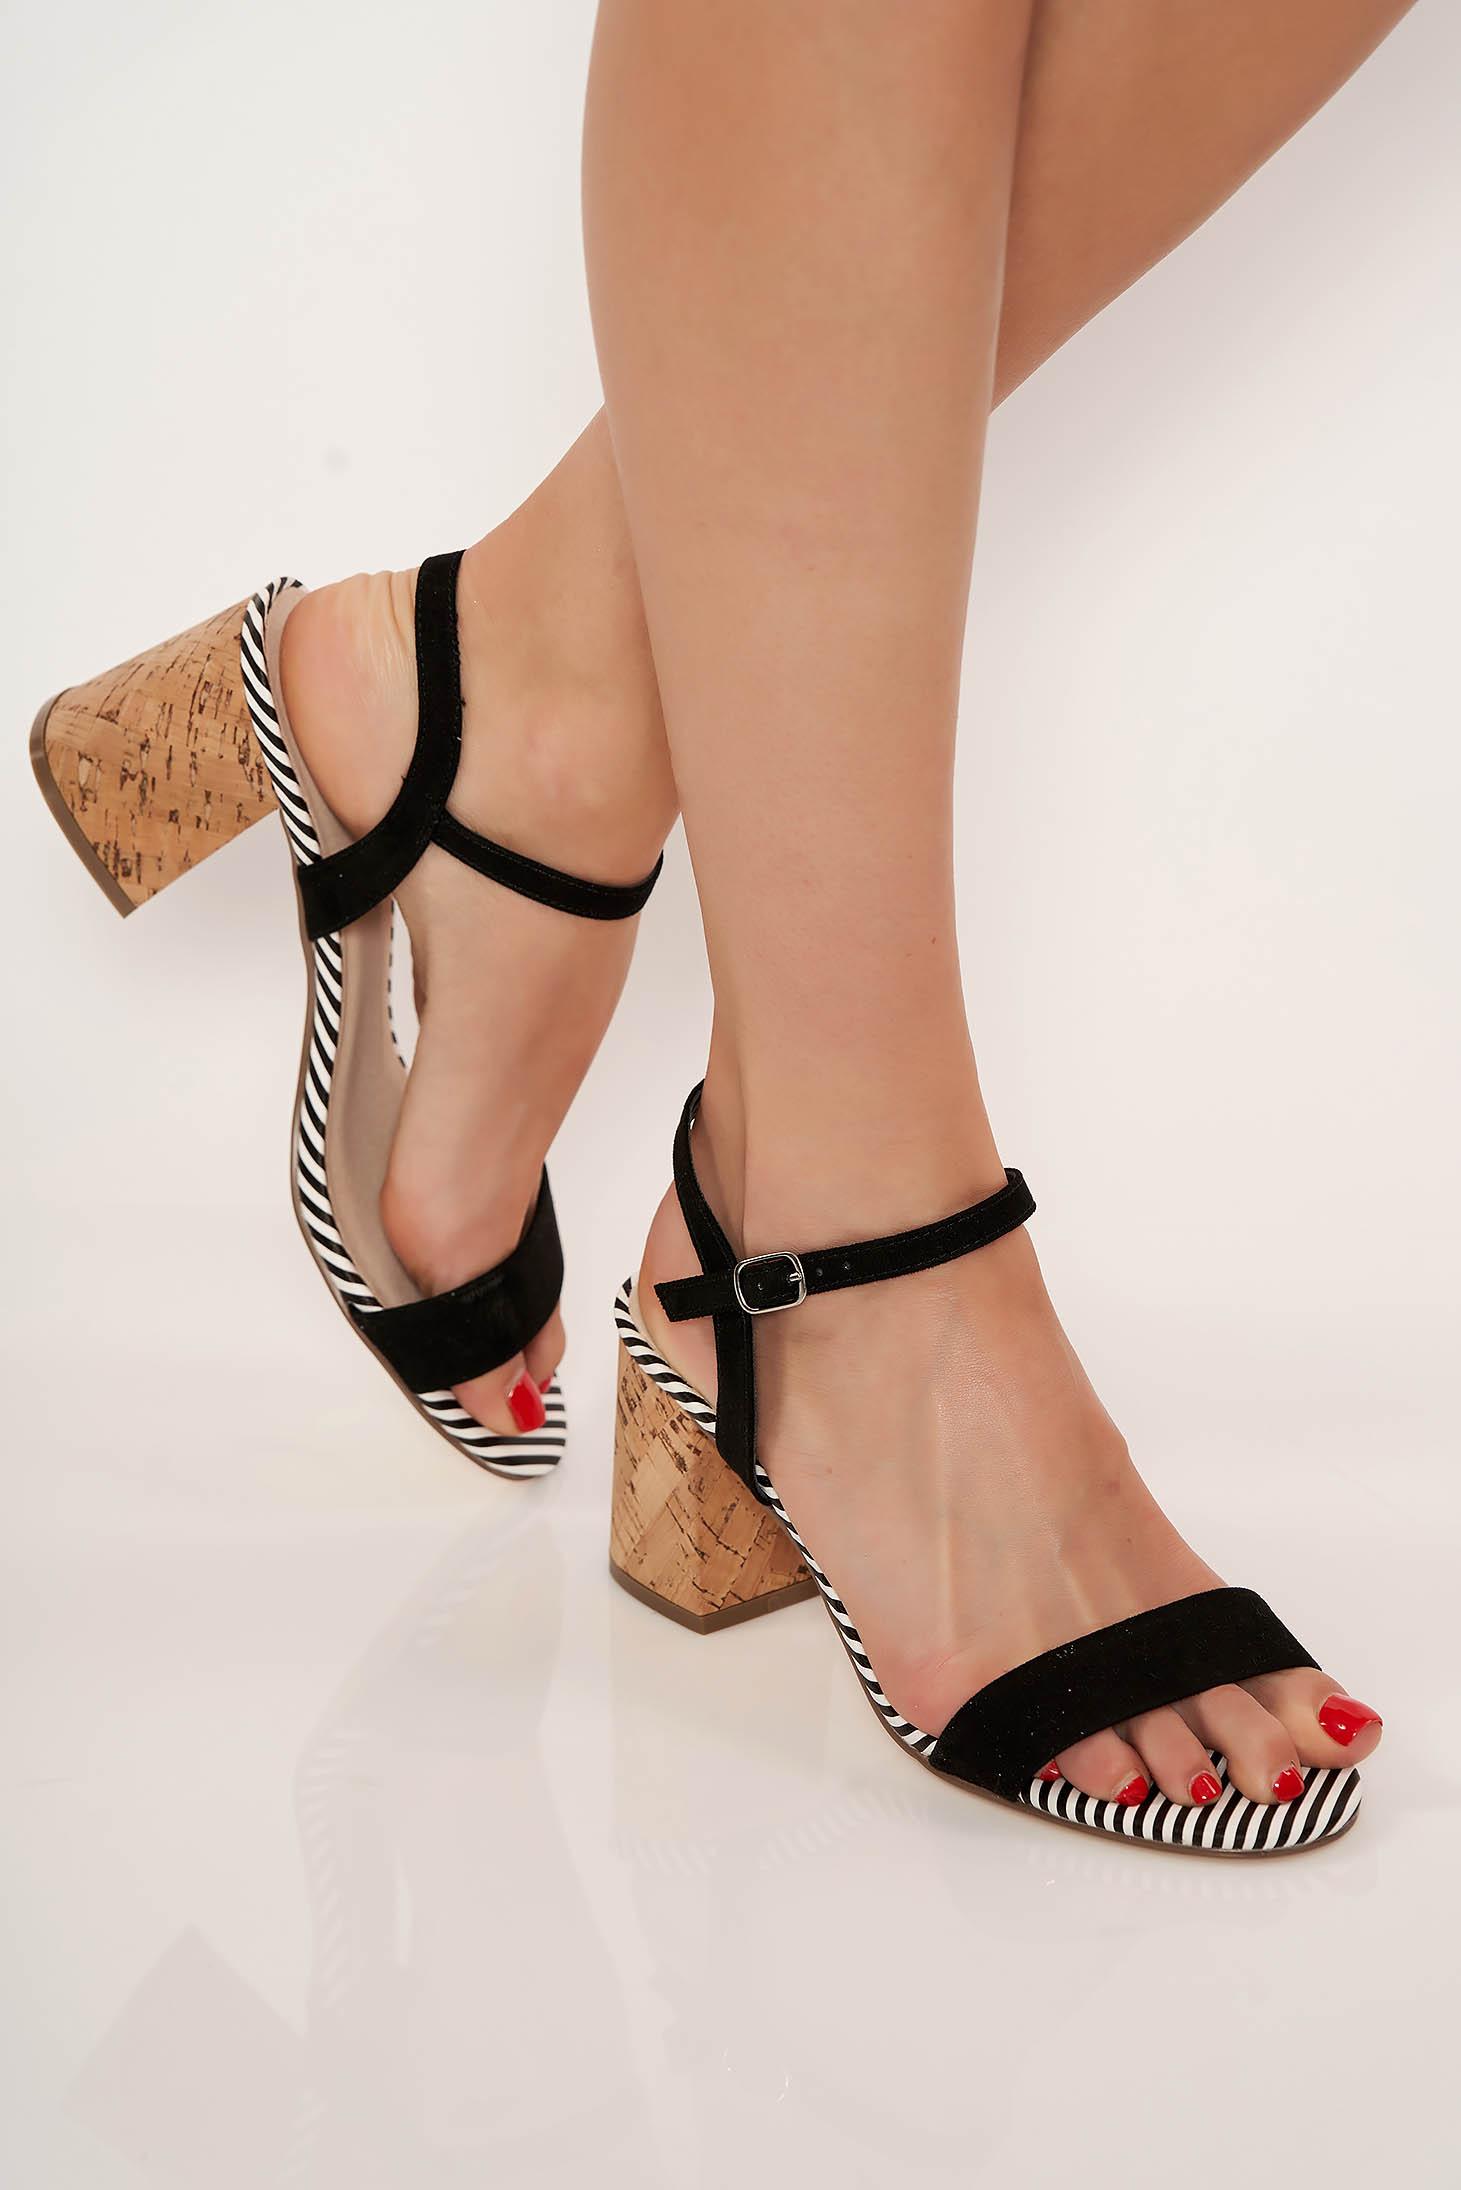 Fekete casual műbőr cipő vékony pántokkal vastag sarokkal